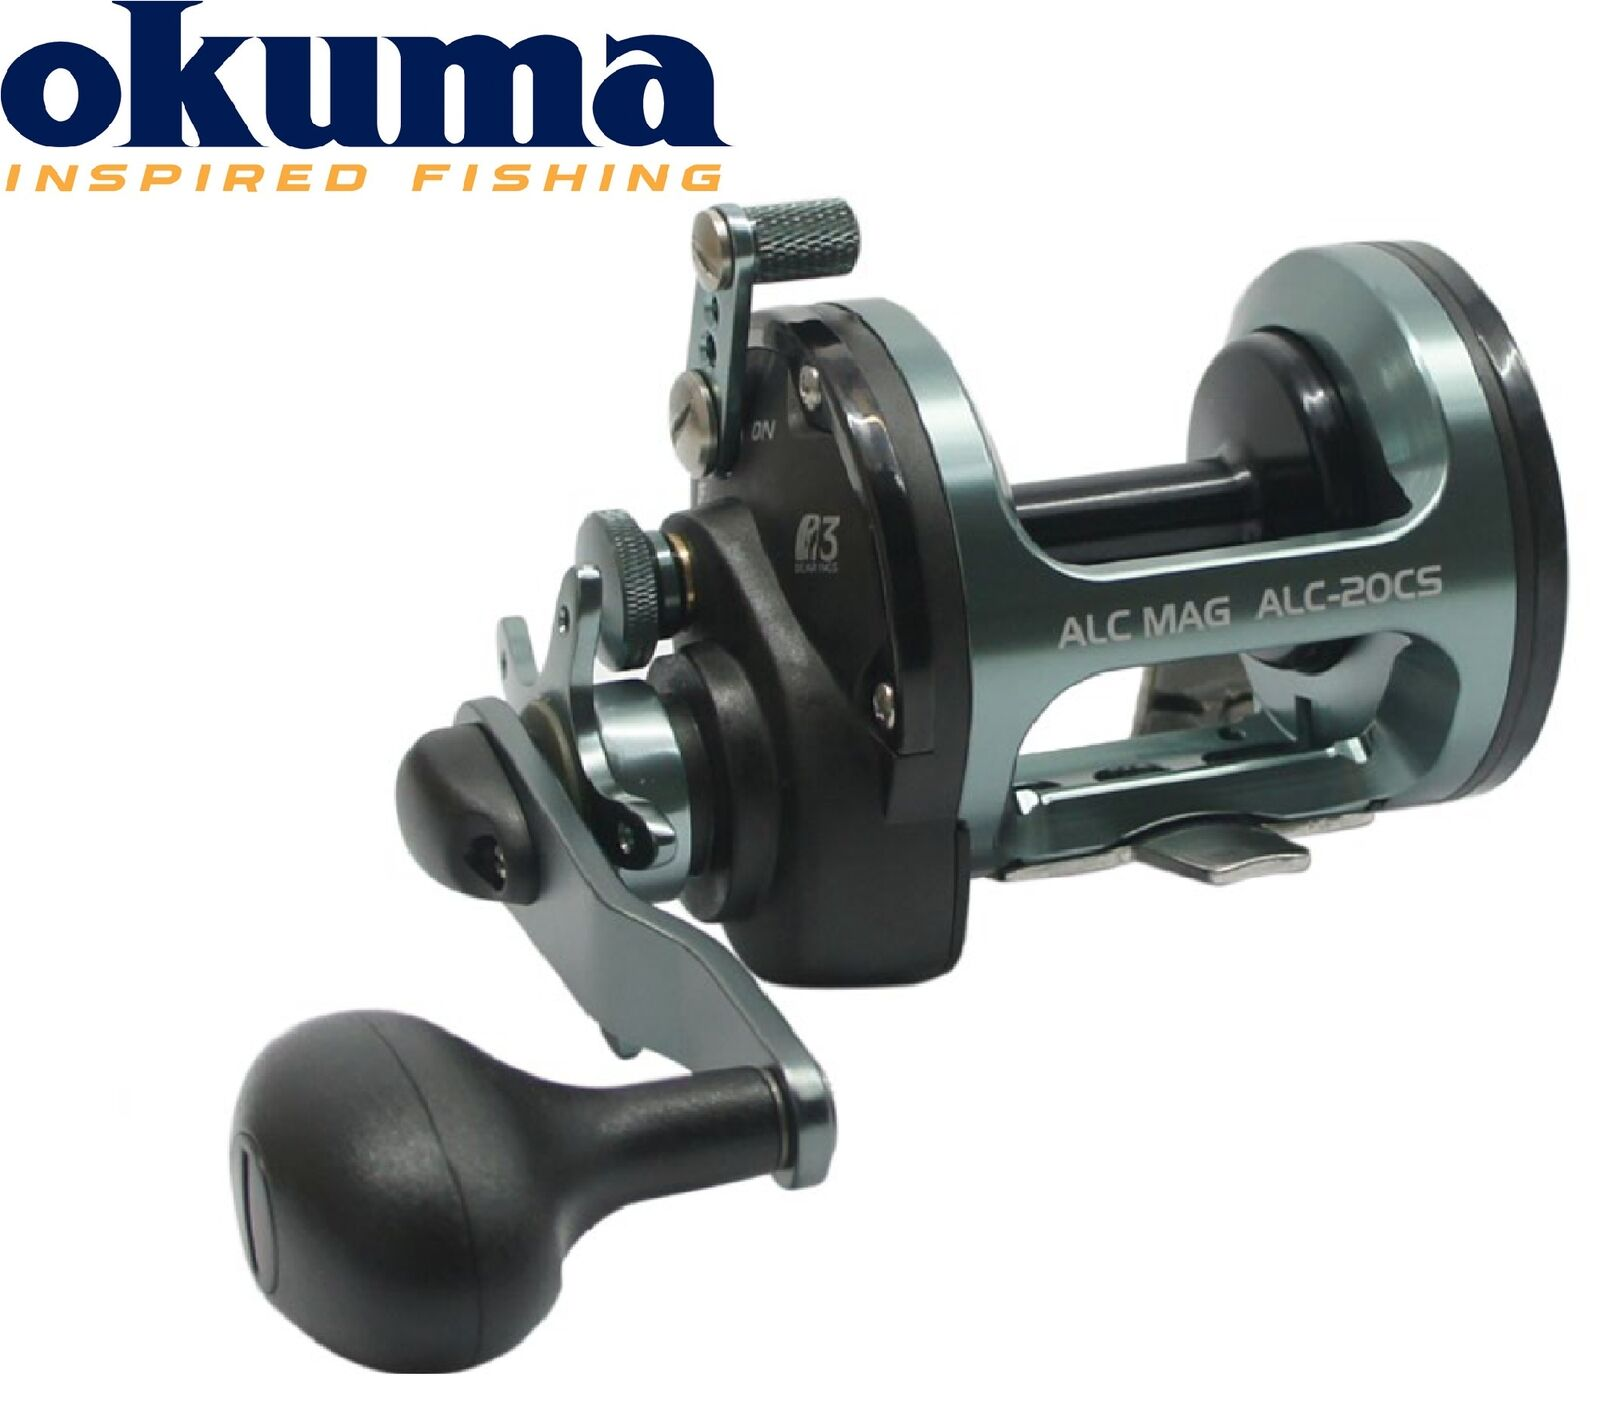 Okuma Okuma Okuma ALC-20CS Multirolle Rechtshand, Angelrolle zum Meeresfischen, Meeresrolle ffc3d4